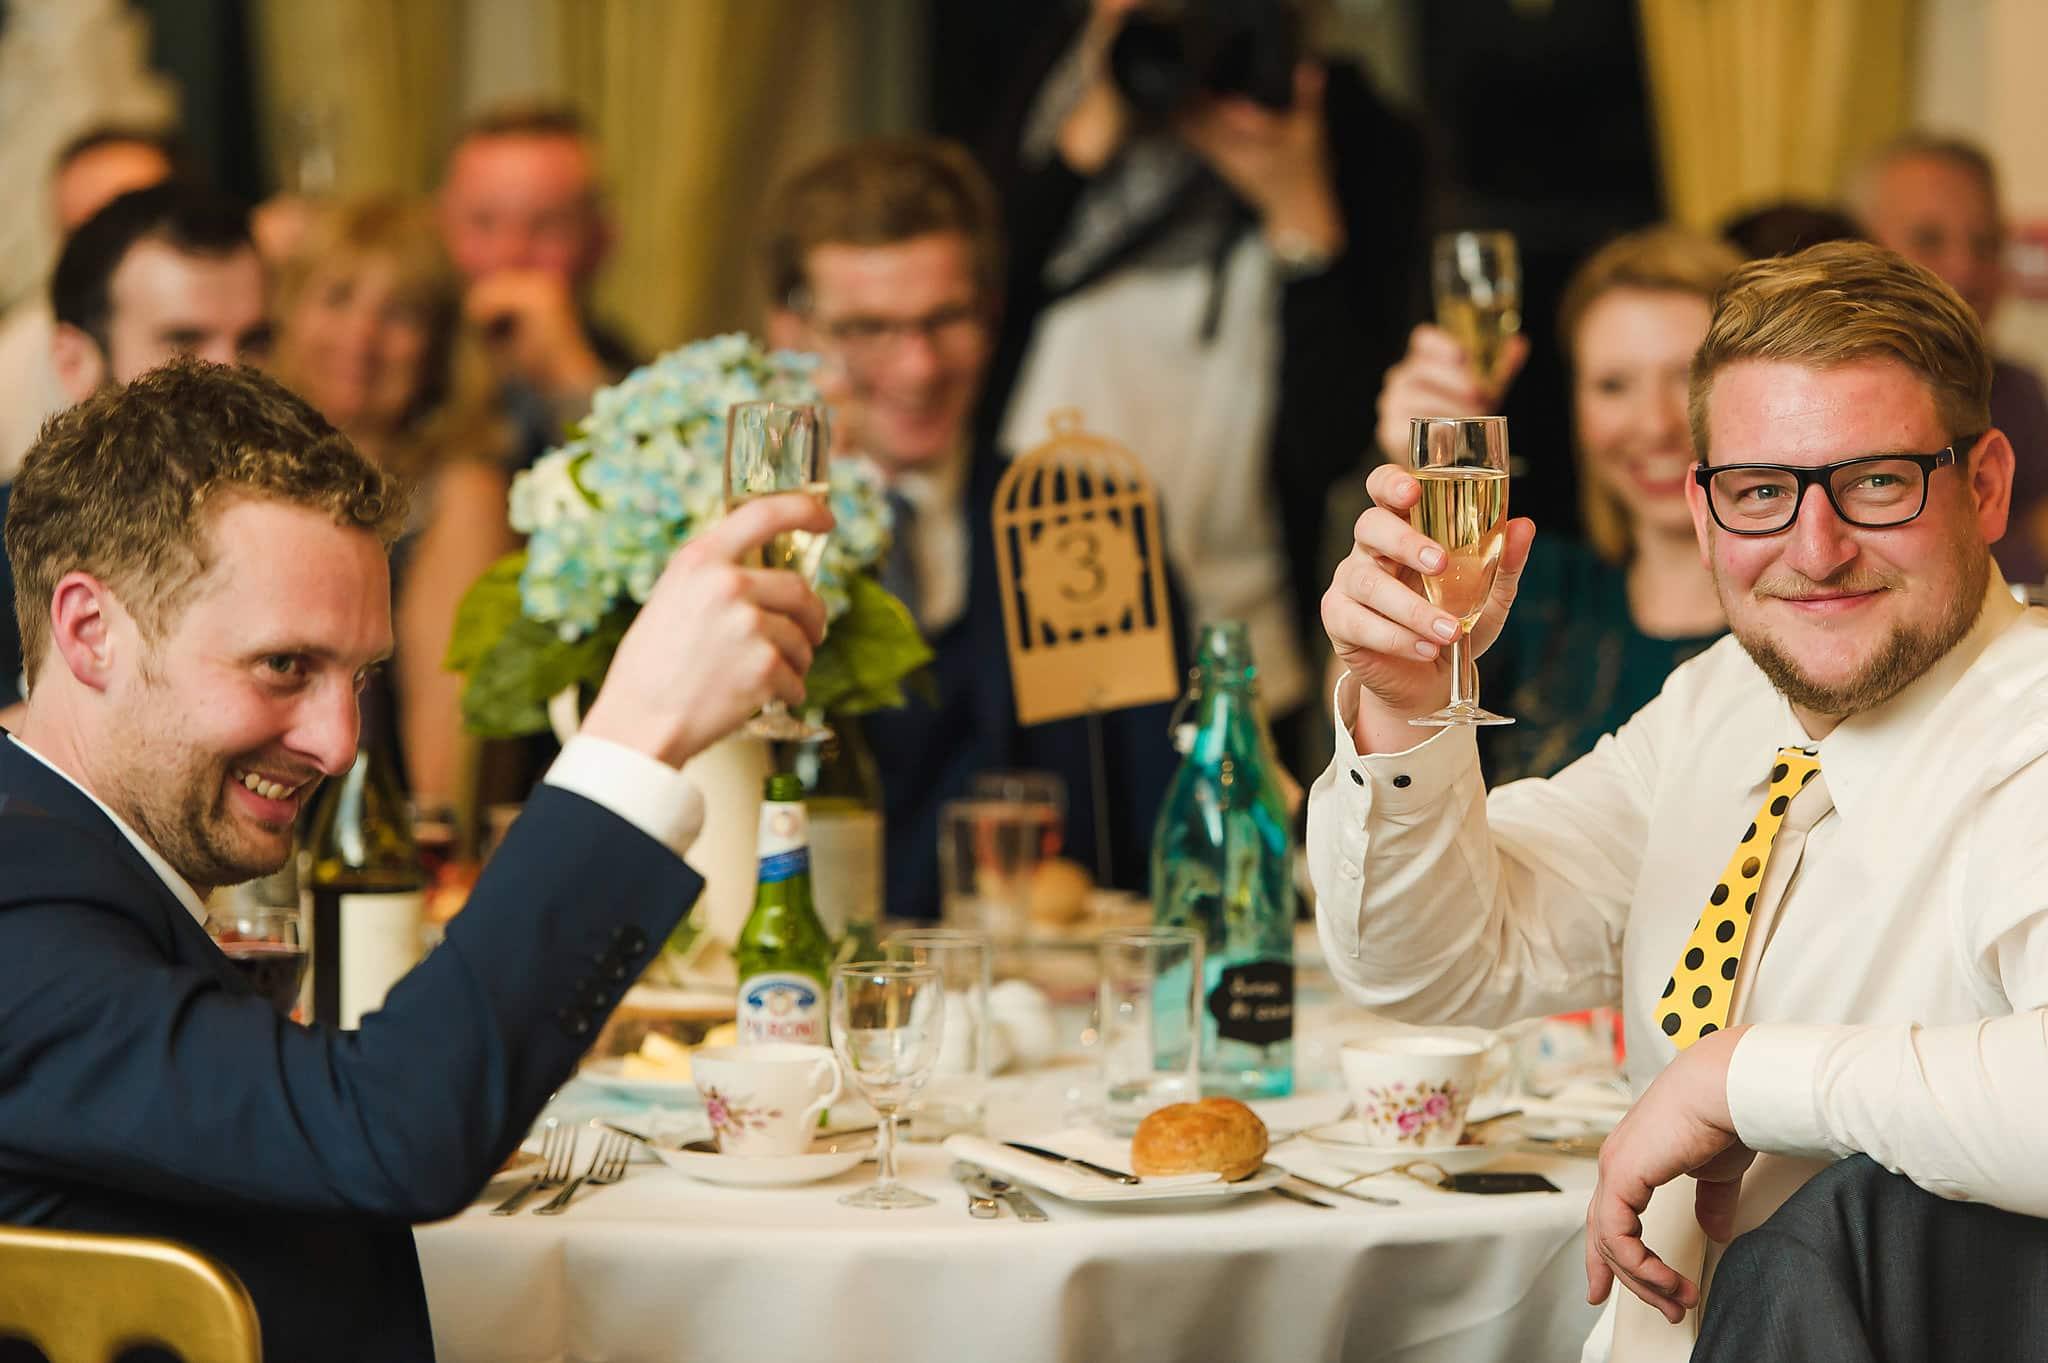 deer park hall wedding 92 - Deer Park Hall - Wedding Photography West Midlands